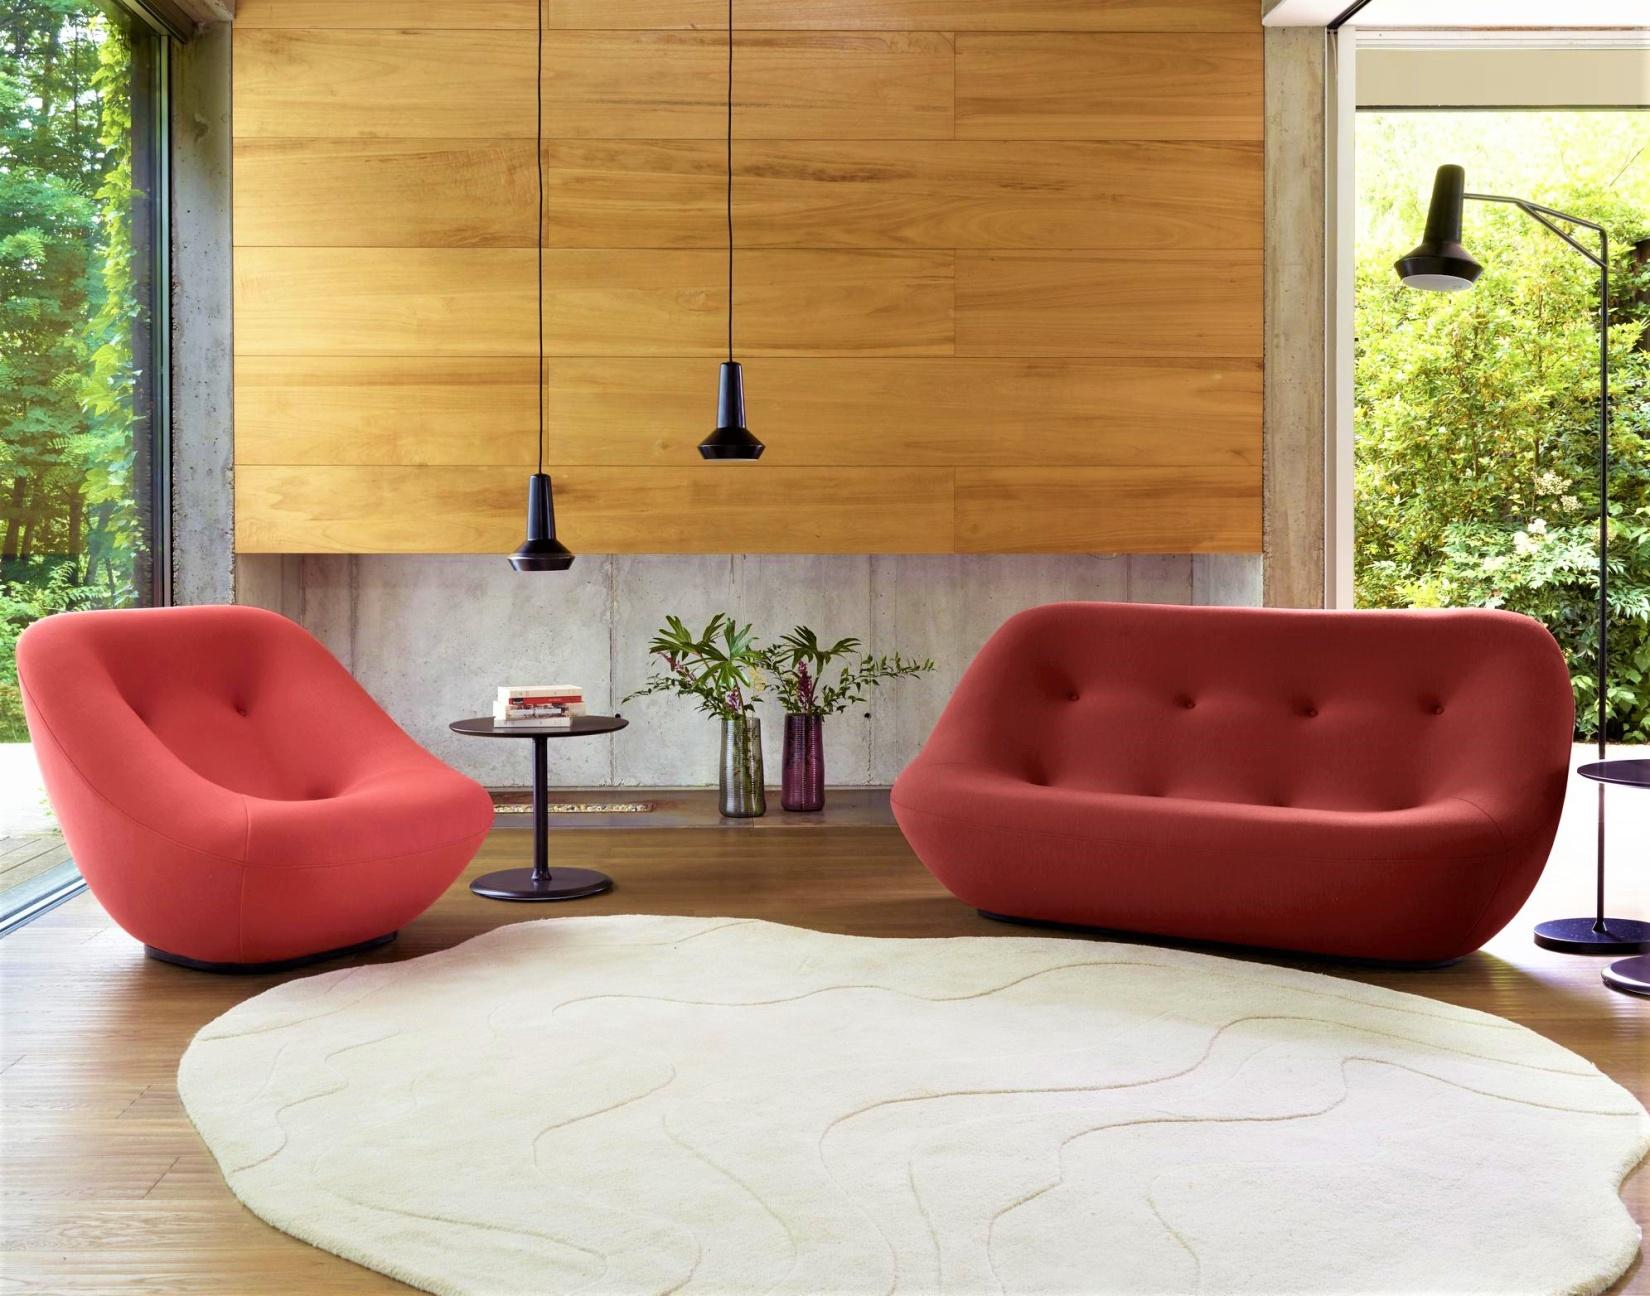 Bonnoe sofa ligne rosa home decor cropped.jpg